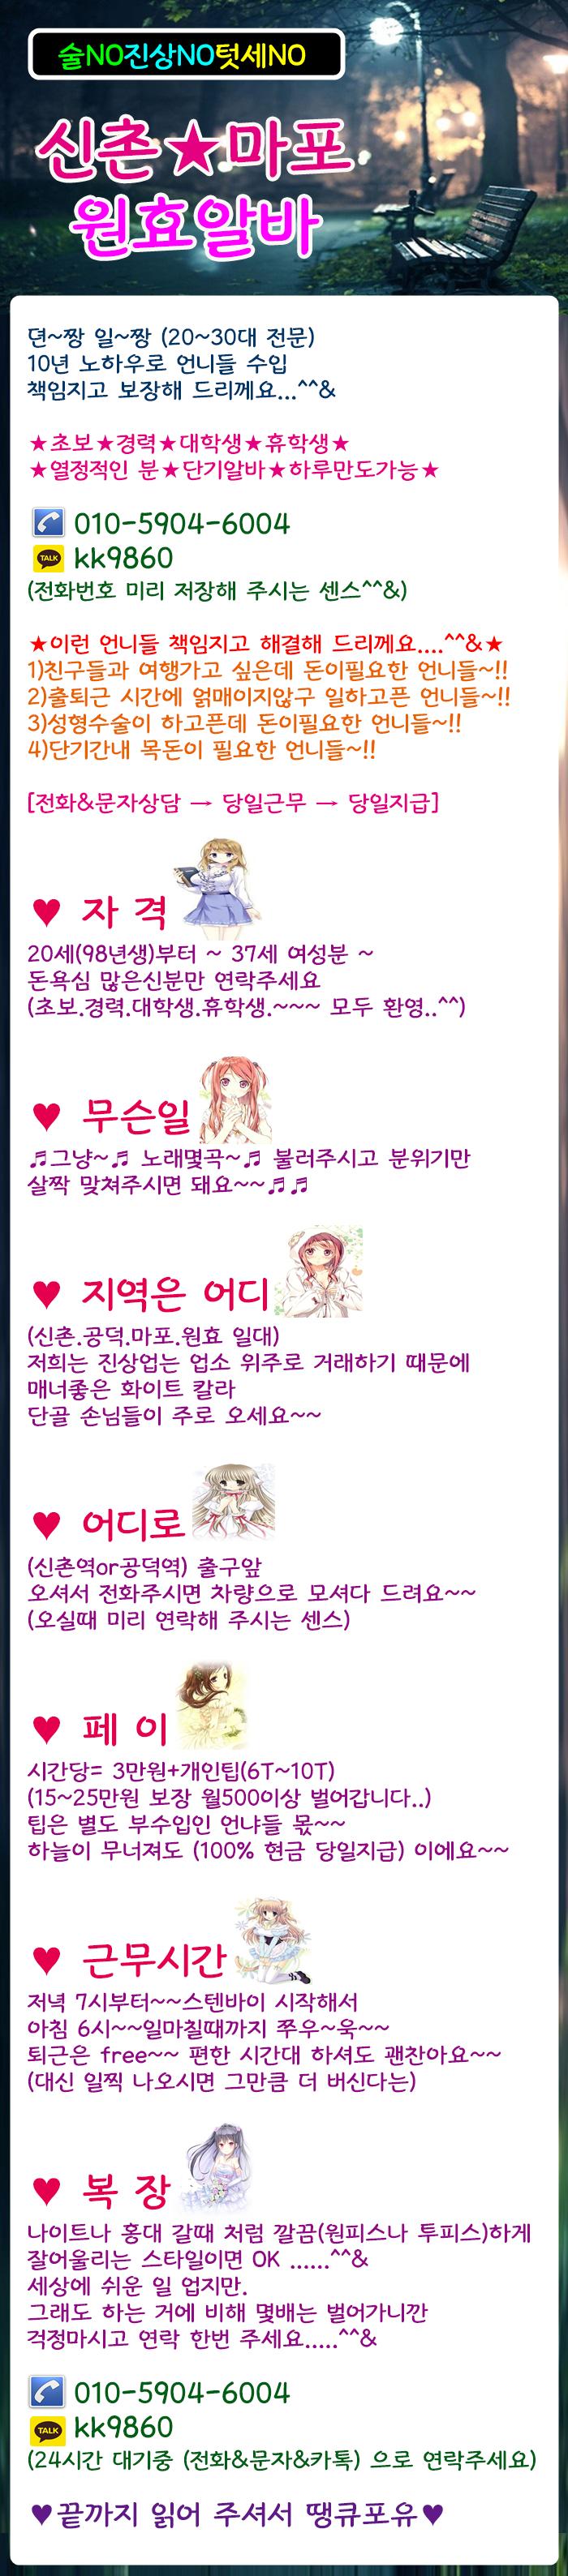 나나알바 밤알바 서울마포신촌 유흥알바 룸알바 여우알바